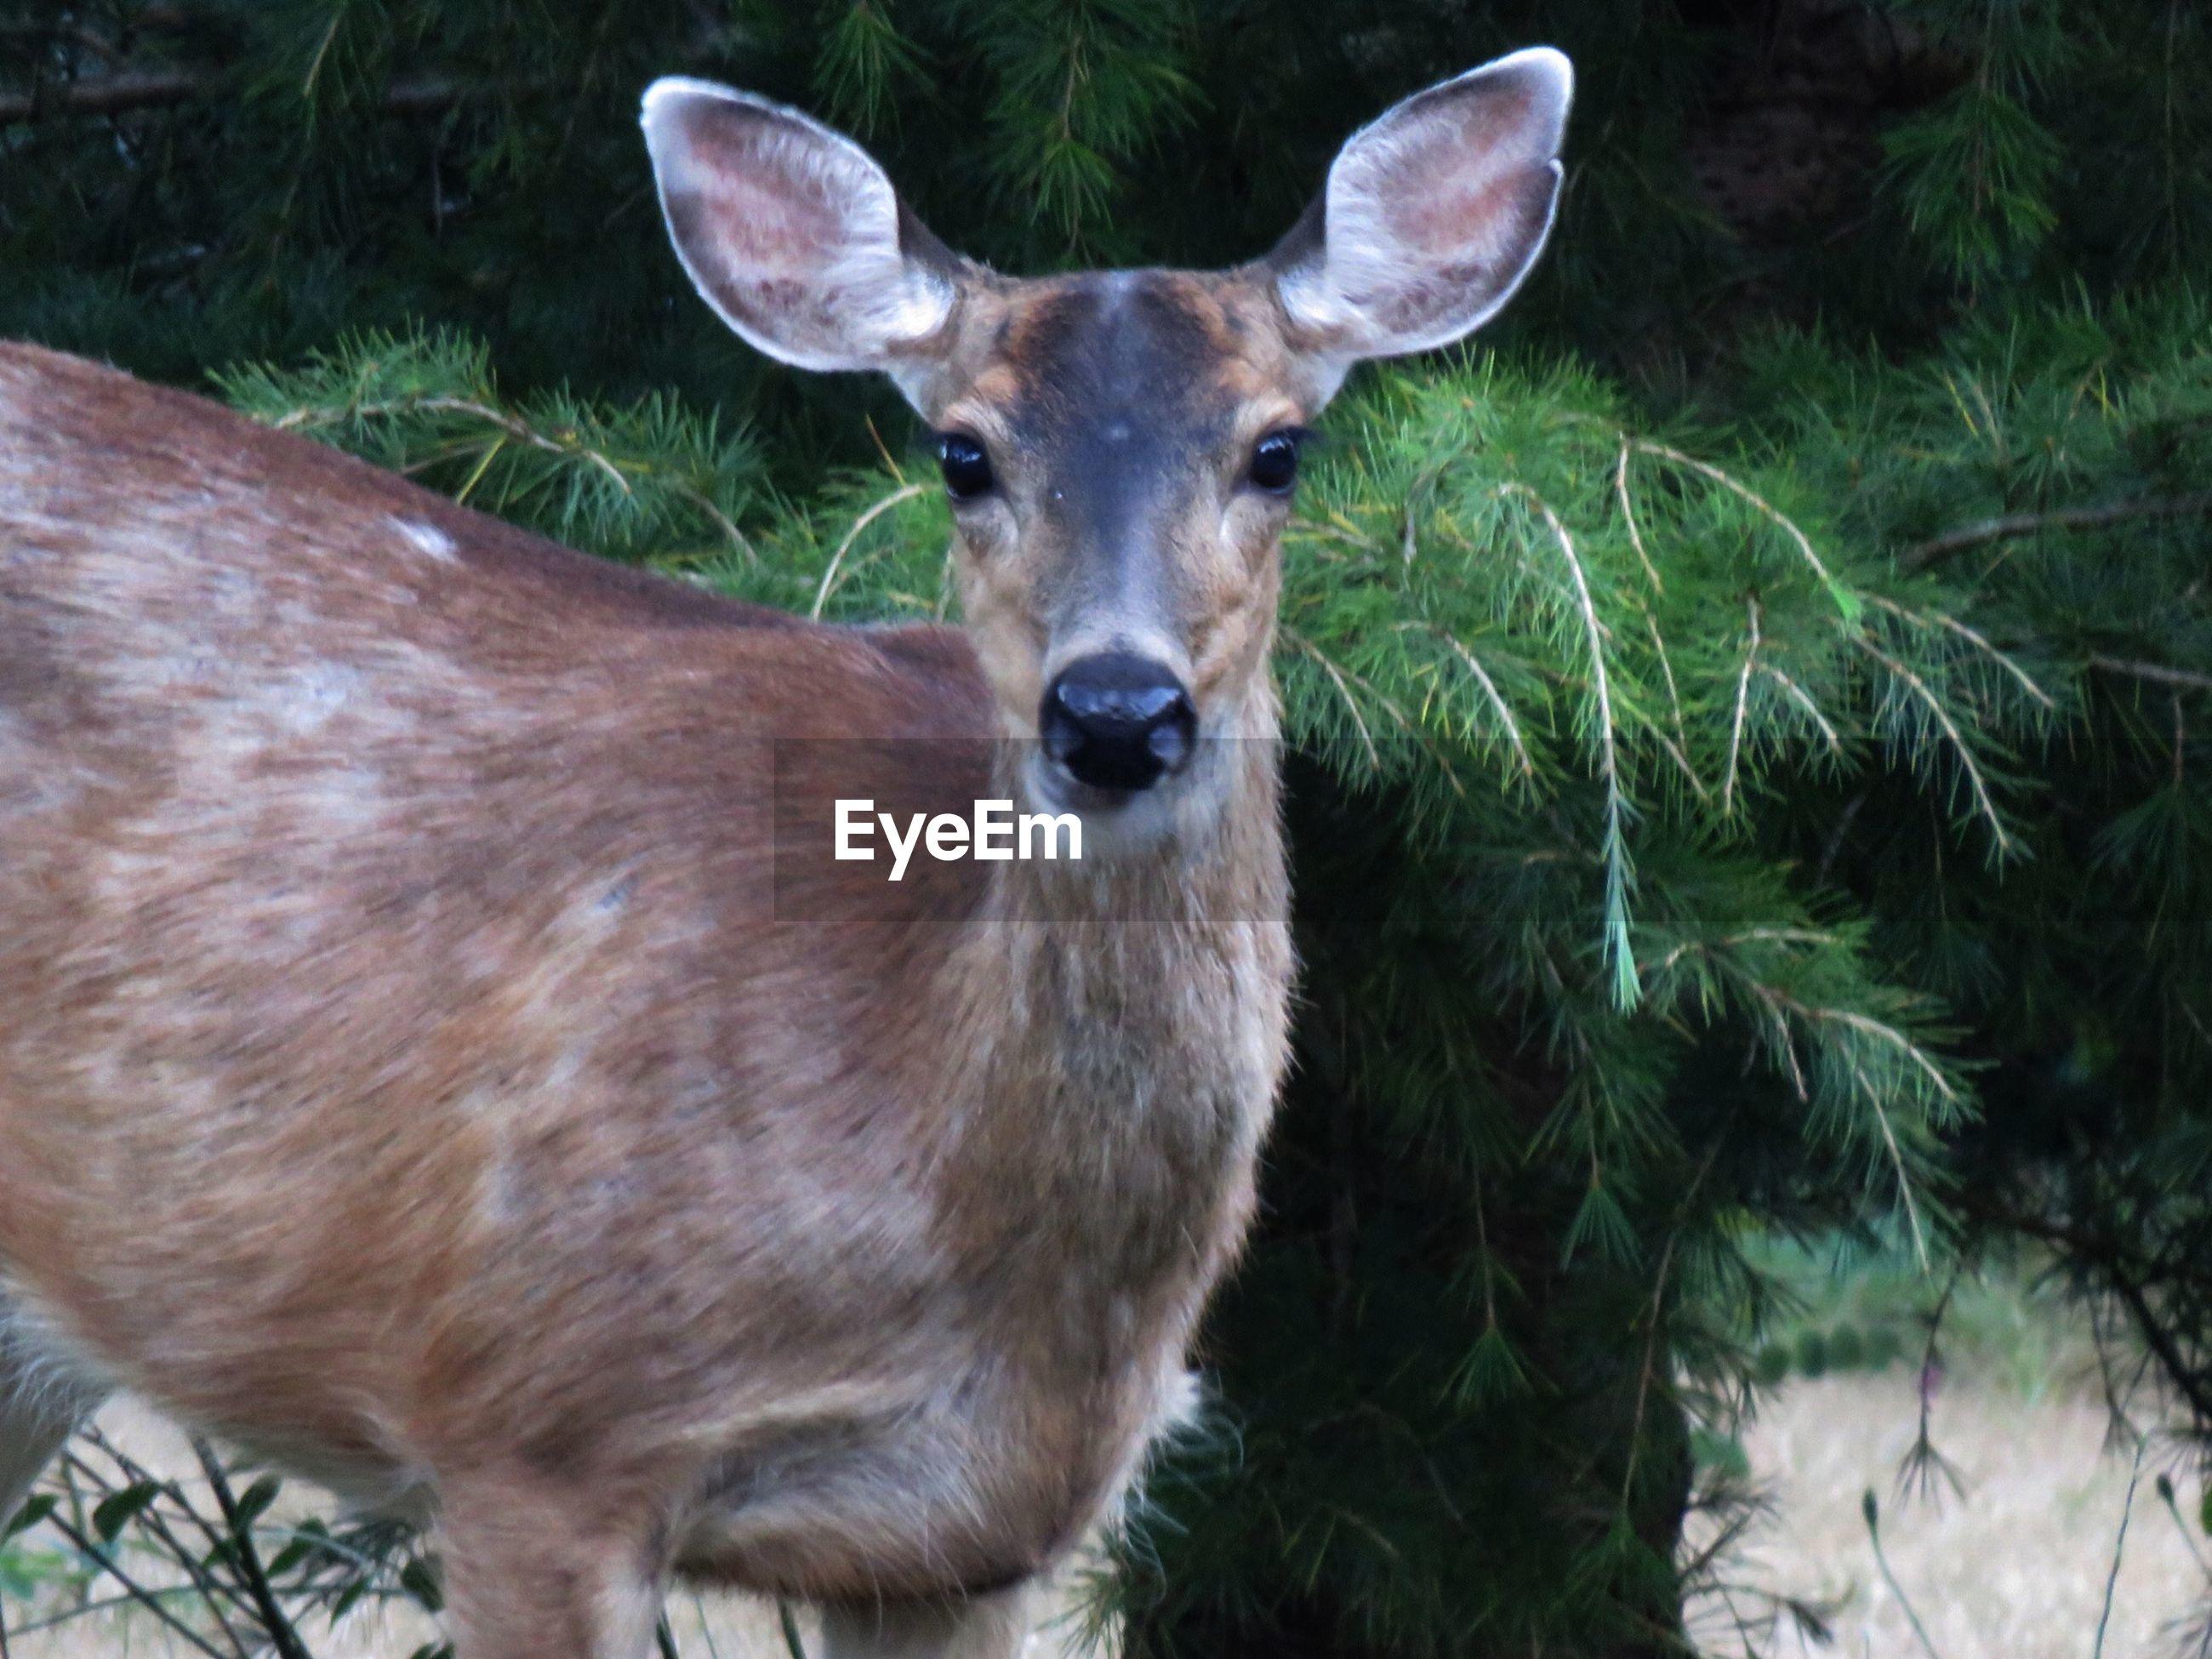 Portrait of deer by plants